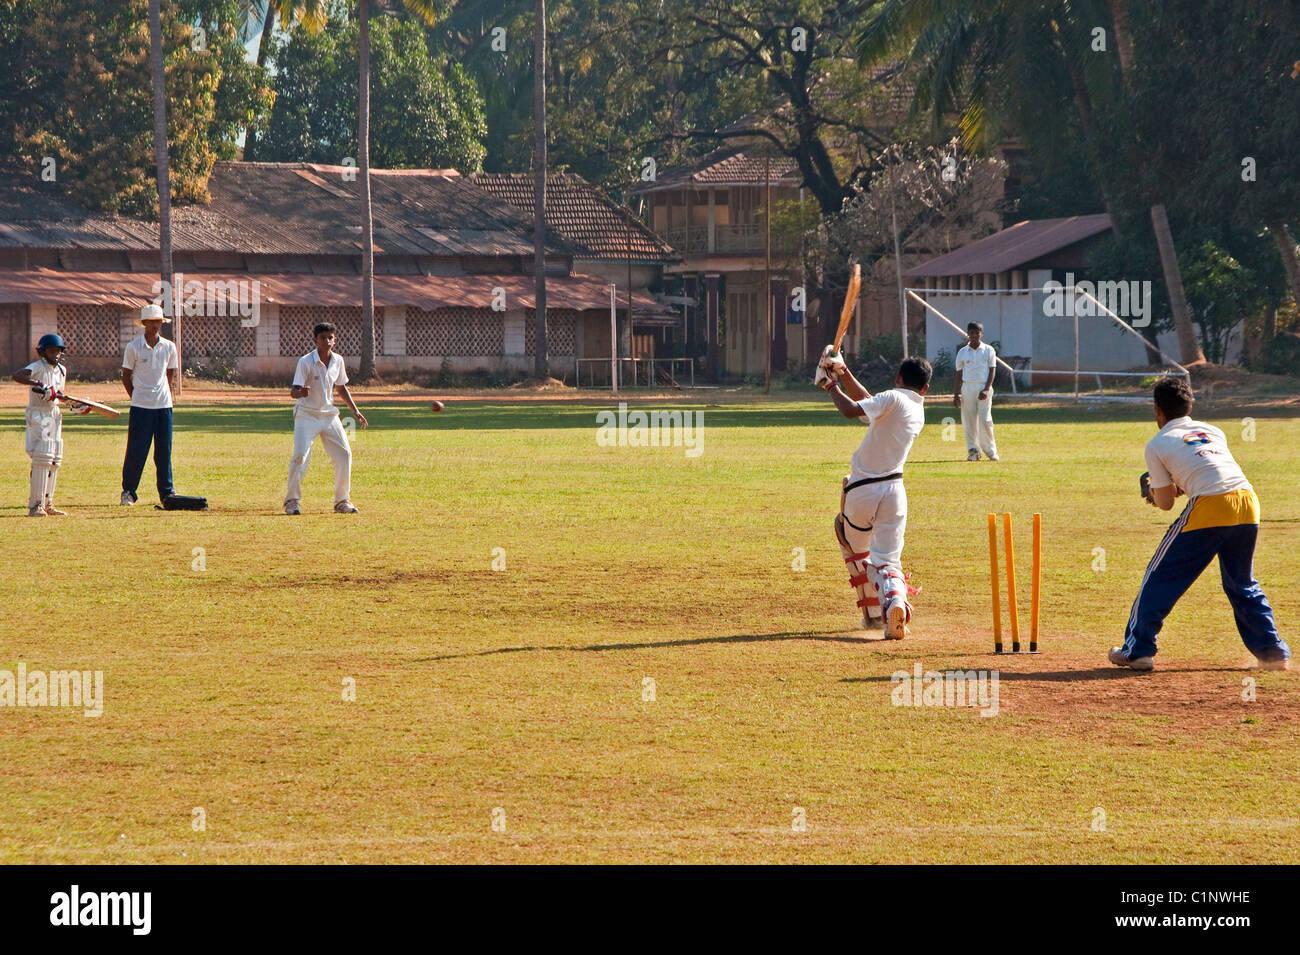 Los colegiales jugando críquet en Panaji, Goa. Imagen De Stock